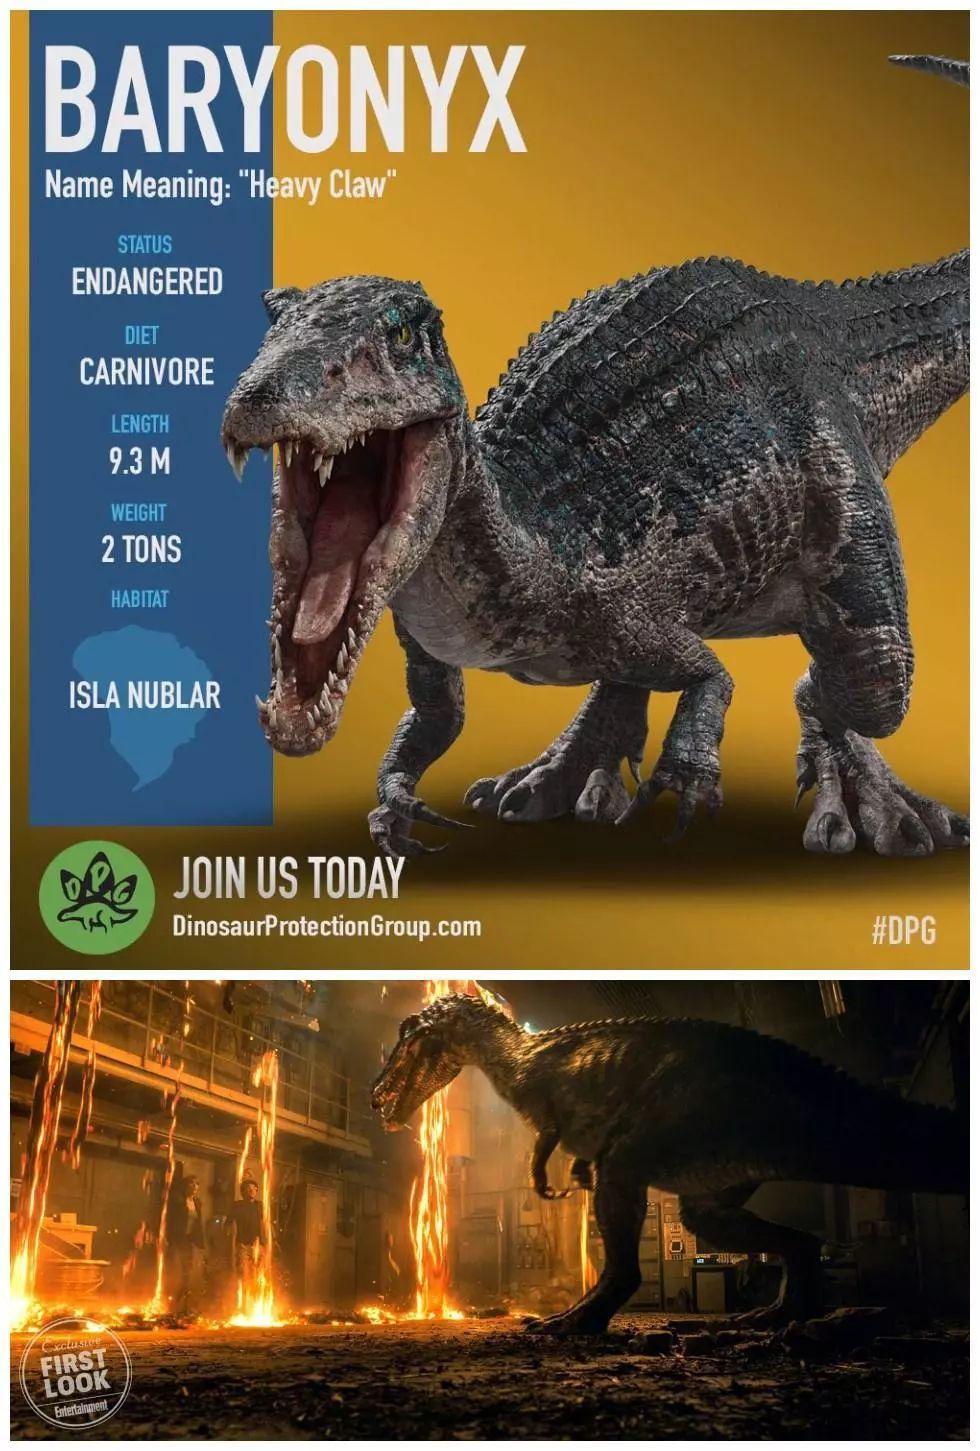 恐龙排行榜._创业项目排行榜前十名,恐龙爱迪入选十佳创新品牌